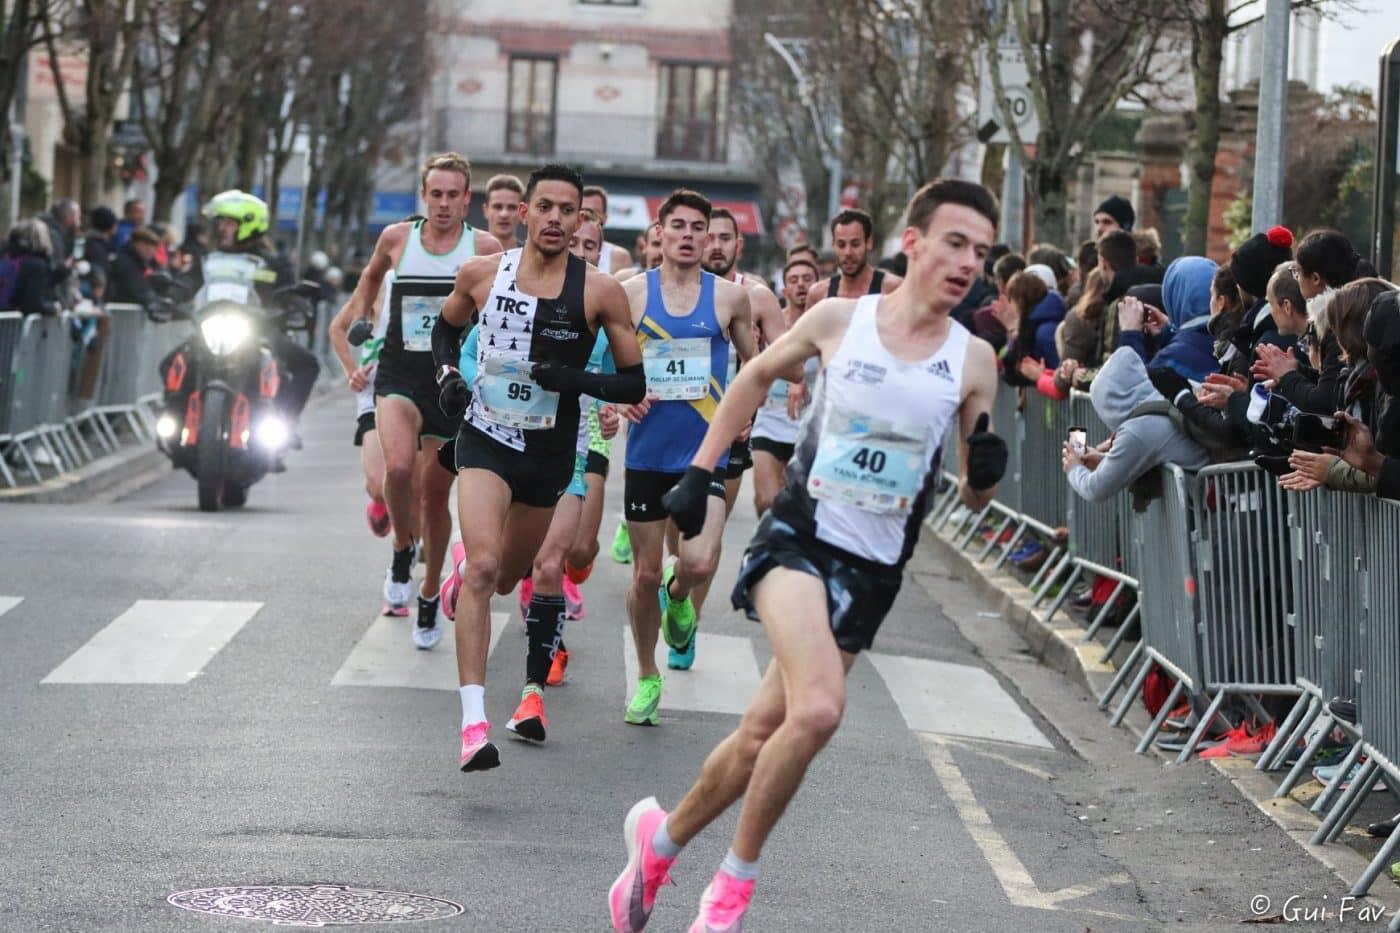 Corrida-Houilles-10km-Nike-Vaporfly-Next%-Runpack-1